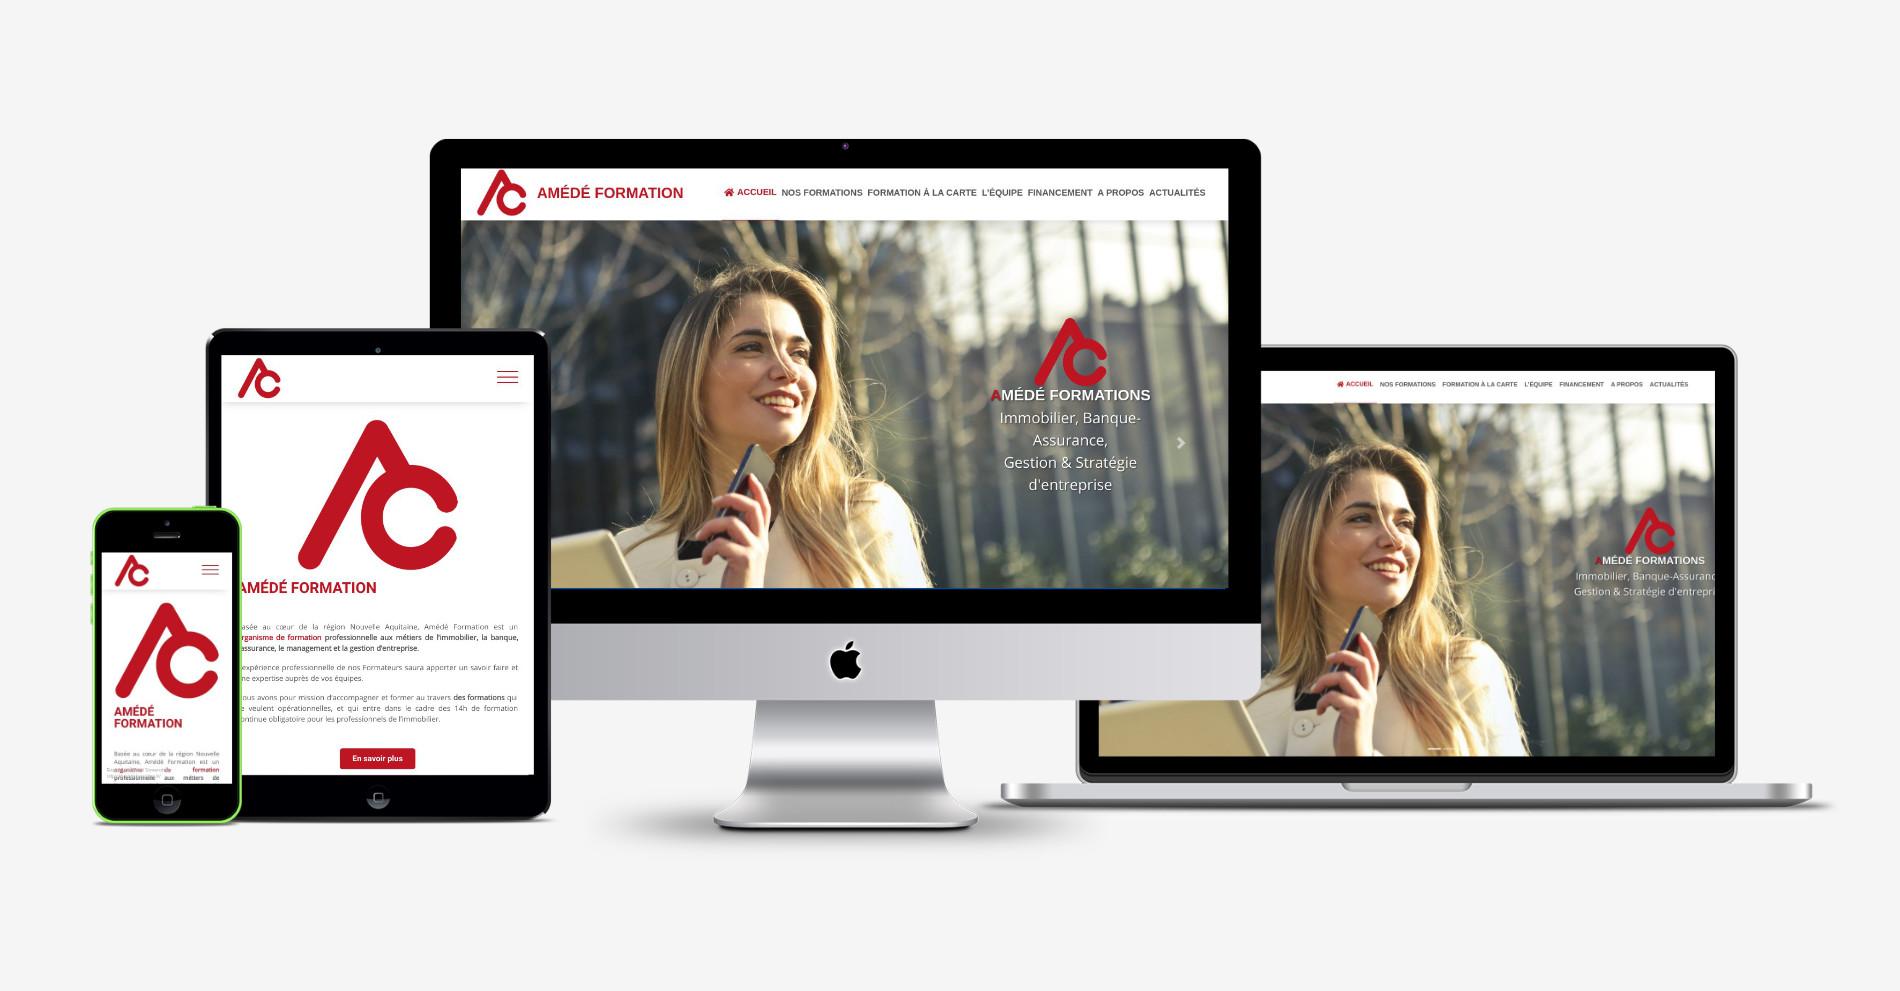 Création de site internet responsive pour un organisme de formation professionnelle